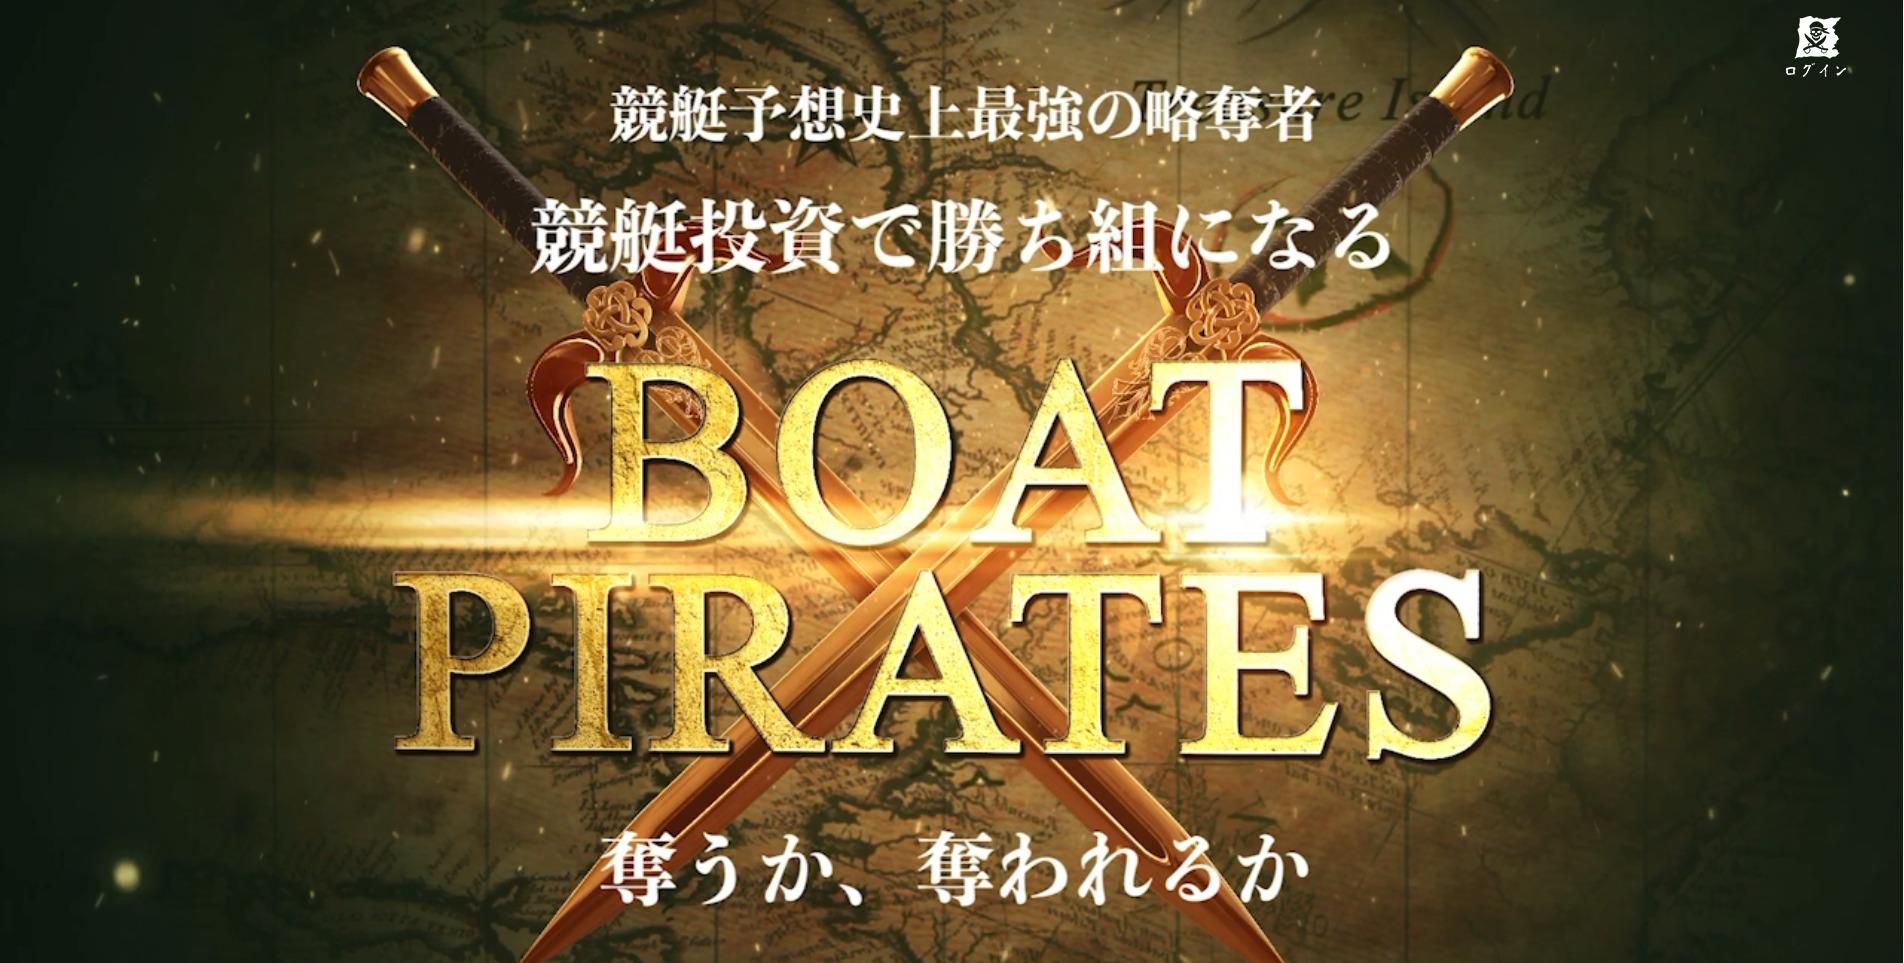 競艇サラリーマン ボートパイレーツ BOAT PIRATES 競艇道場 競艇神風  競艇 ボートレース 予想 優良 悪徳 評価 評判 口コミ 検証 ランキング 的中 稼げる 勝つ 勝てる 方法 万舟